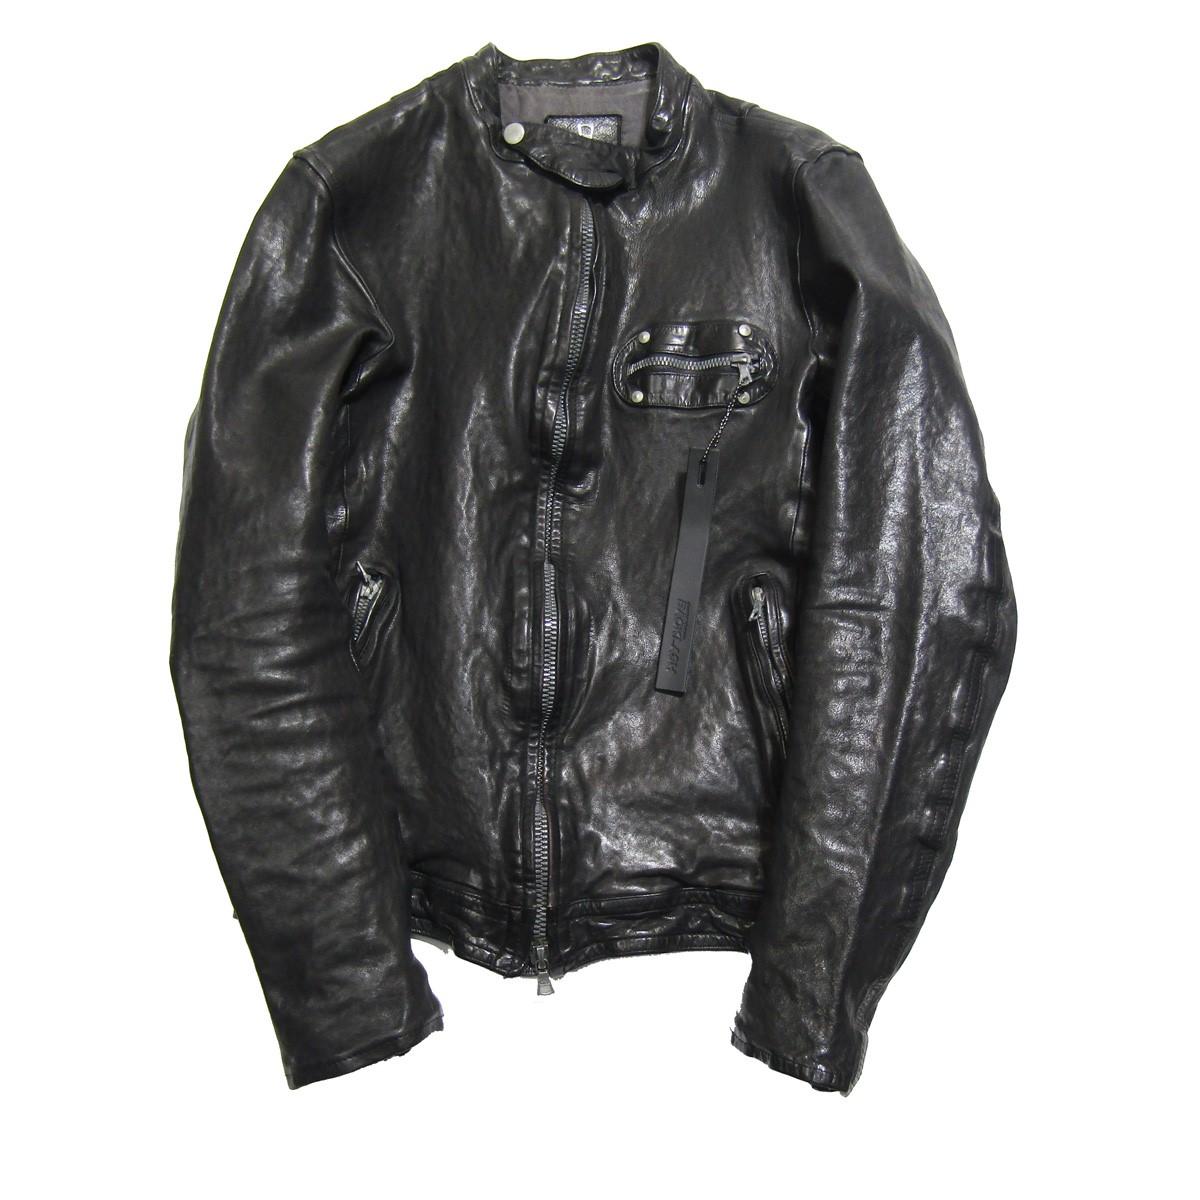 【中古】ISAMU KATAYAMA BACKLASH ドイツカーフ製品染めシングルライダースジャケット ブラック サイズ:L 【200320】(イサムカタヤマバックラッシュ)